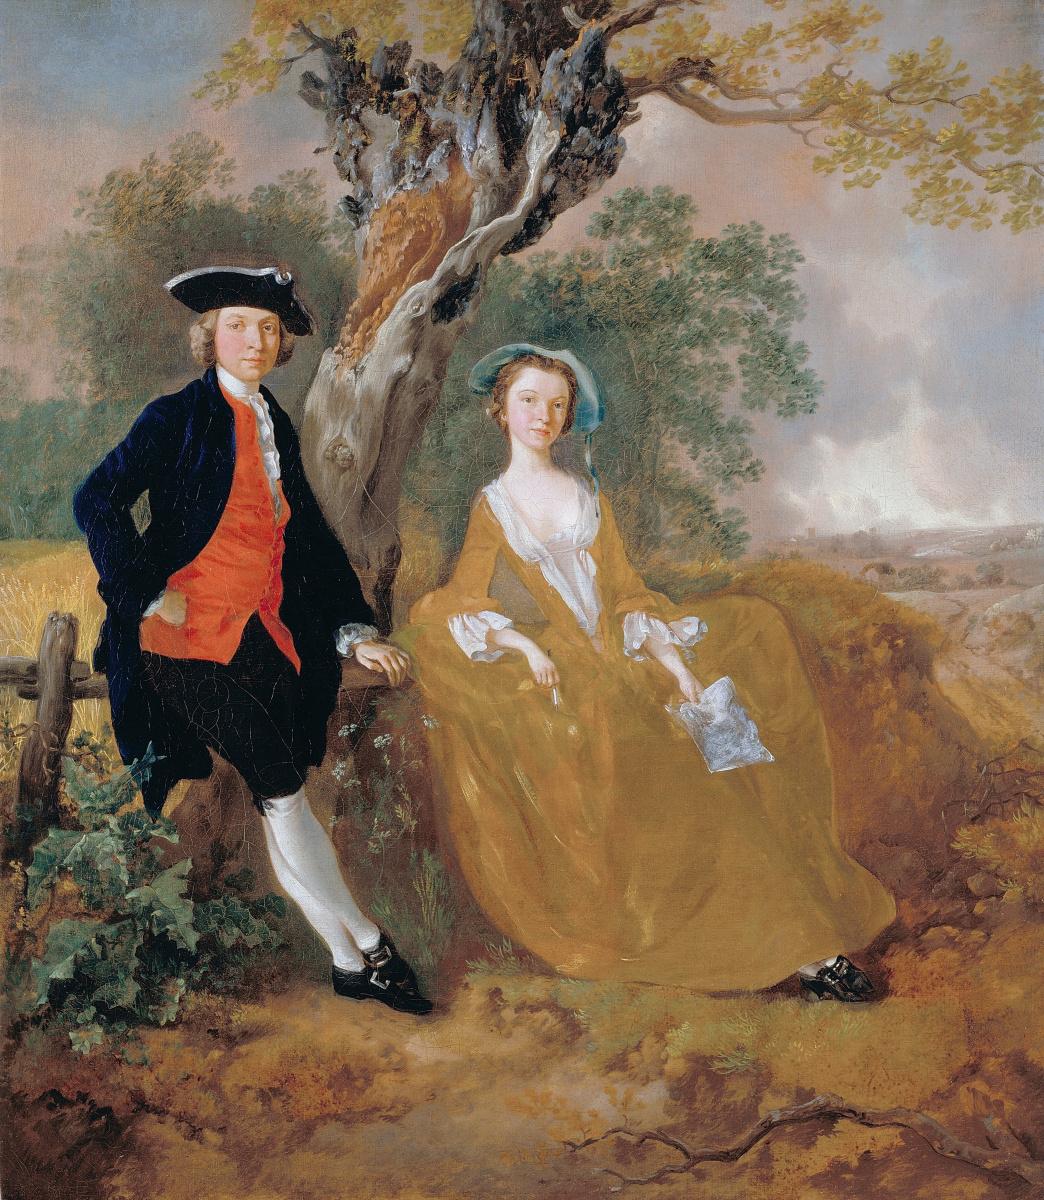 Thomas Gainsborough. Couple in a landscape